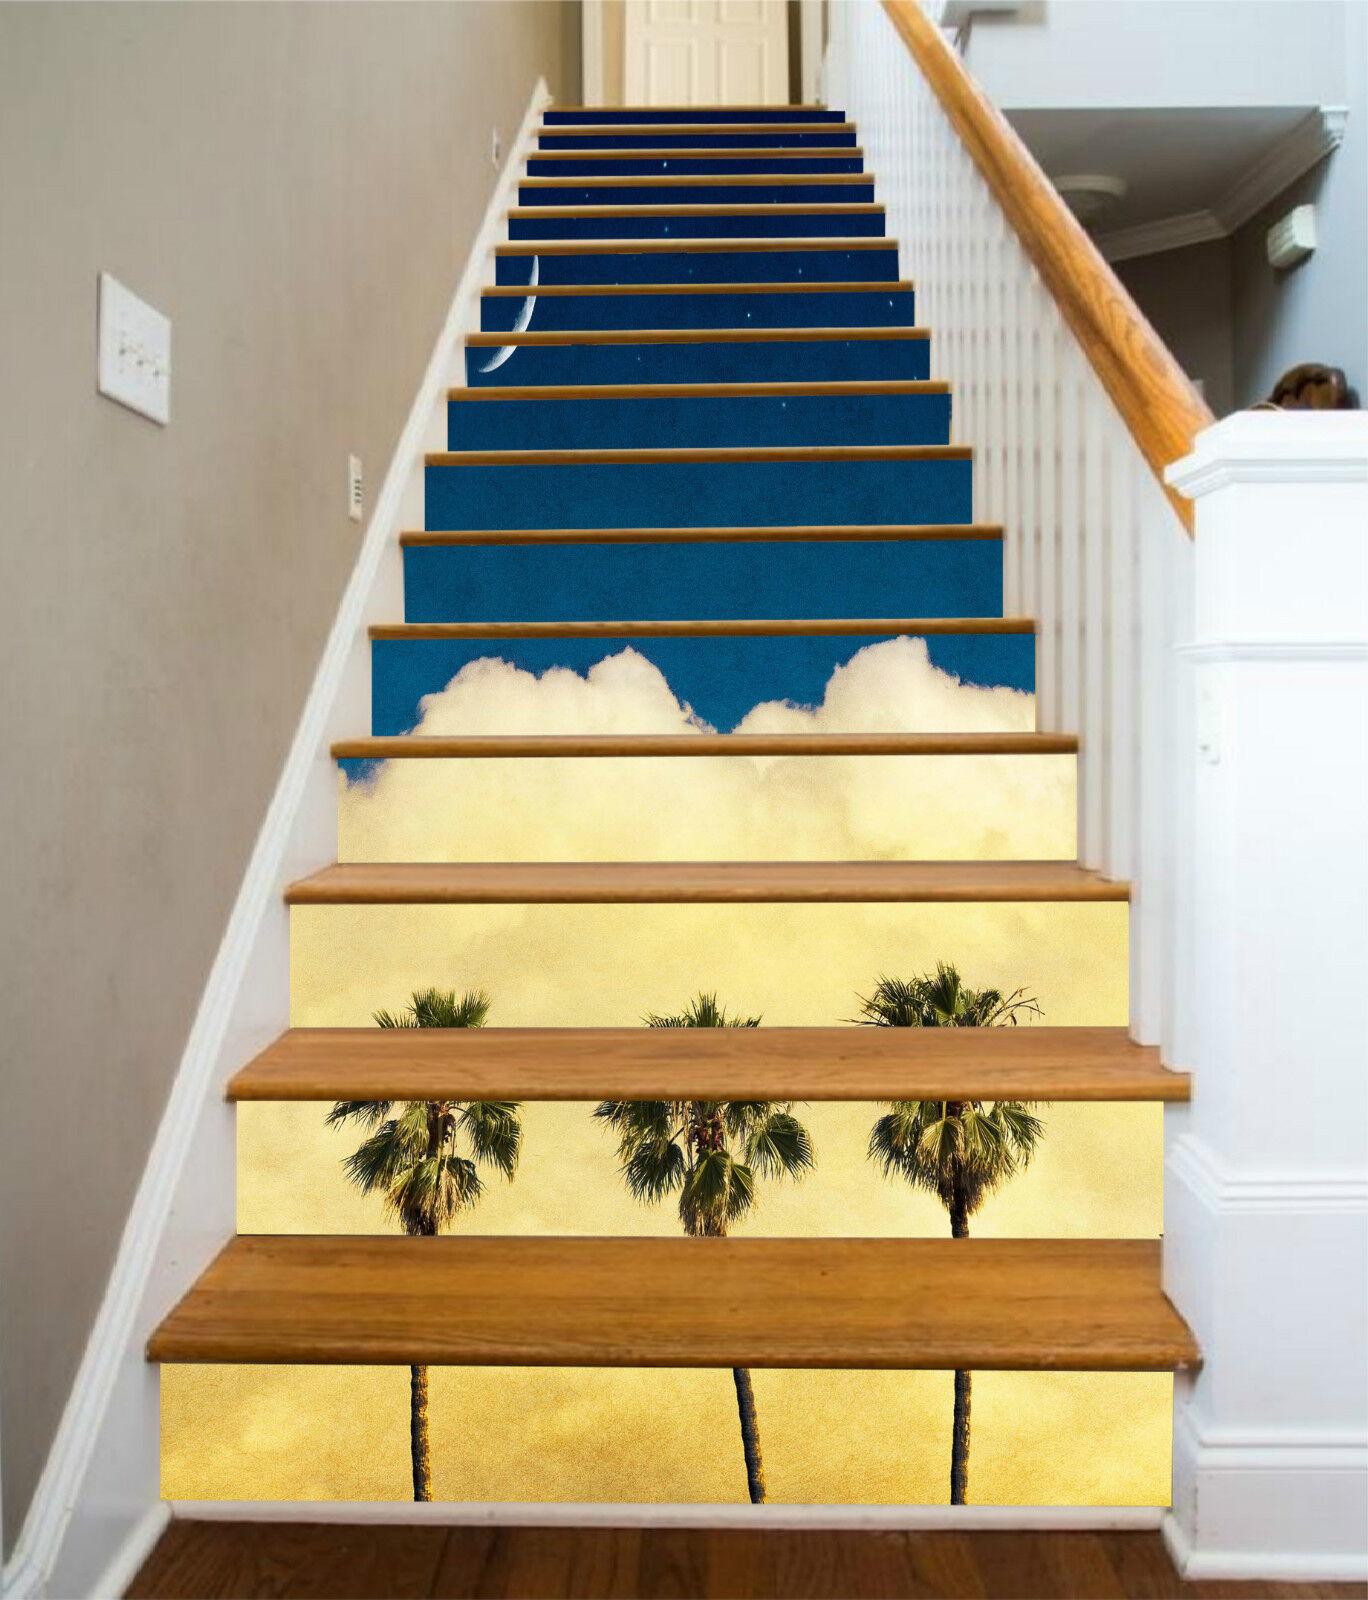 3d nuages Arbre 320 Stair Risers Décoration Papier Peint Vinyle Autocollant Papier Peint De